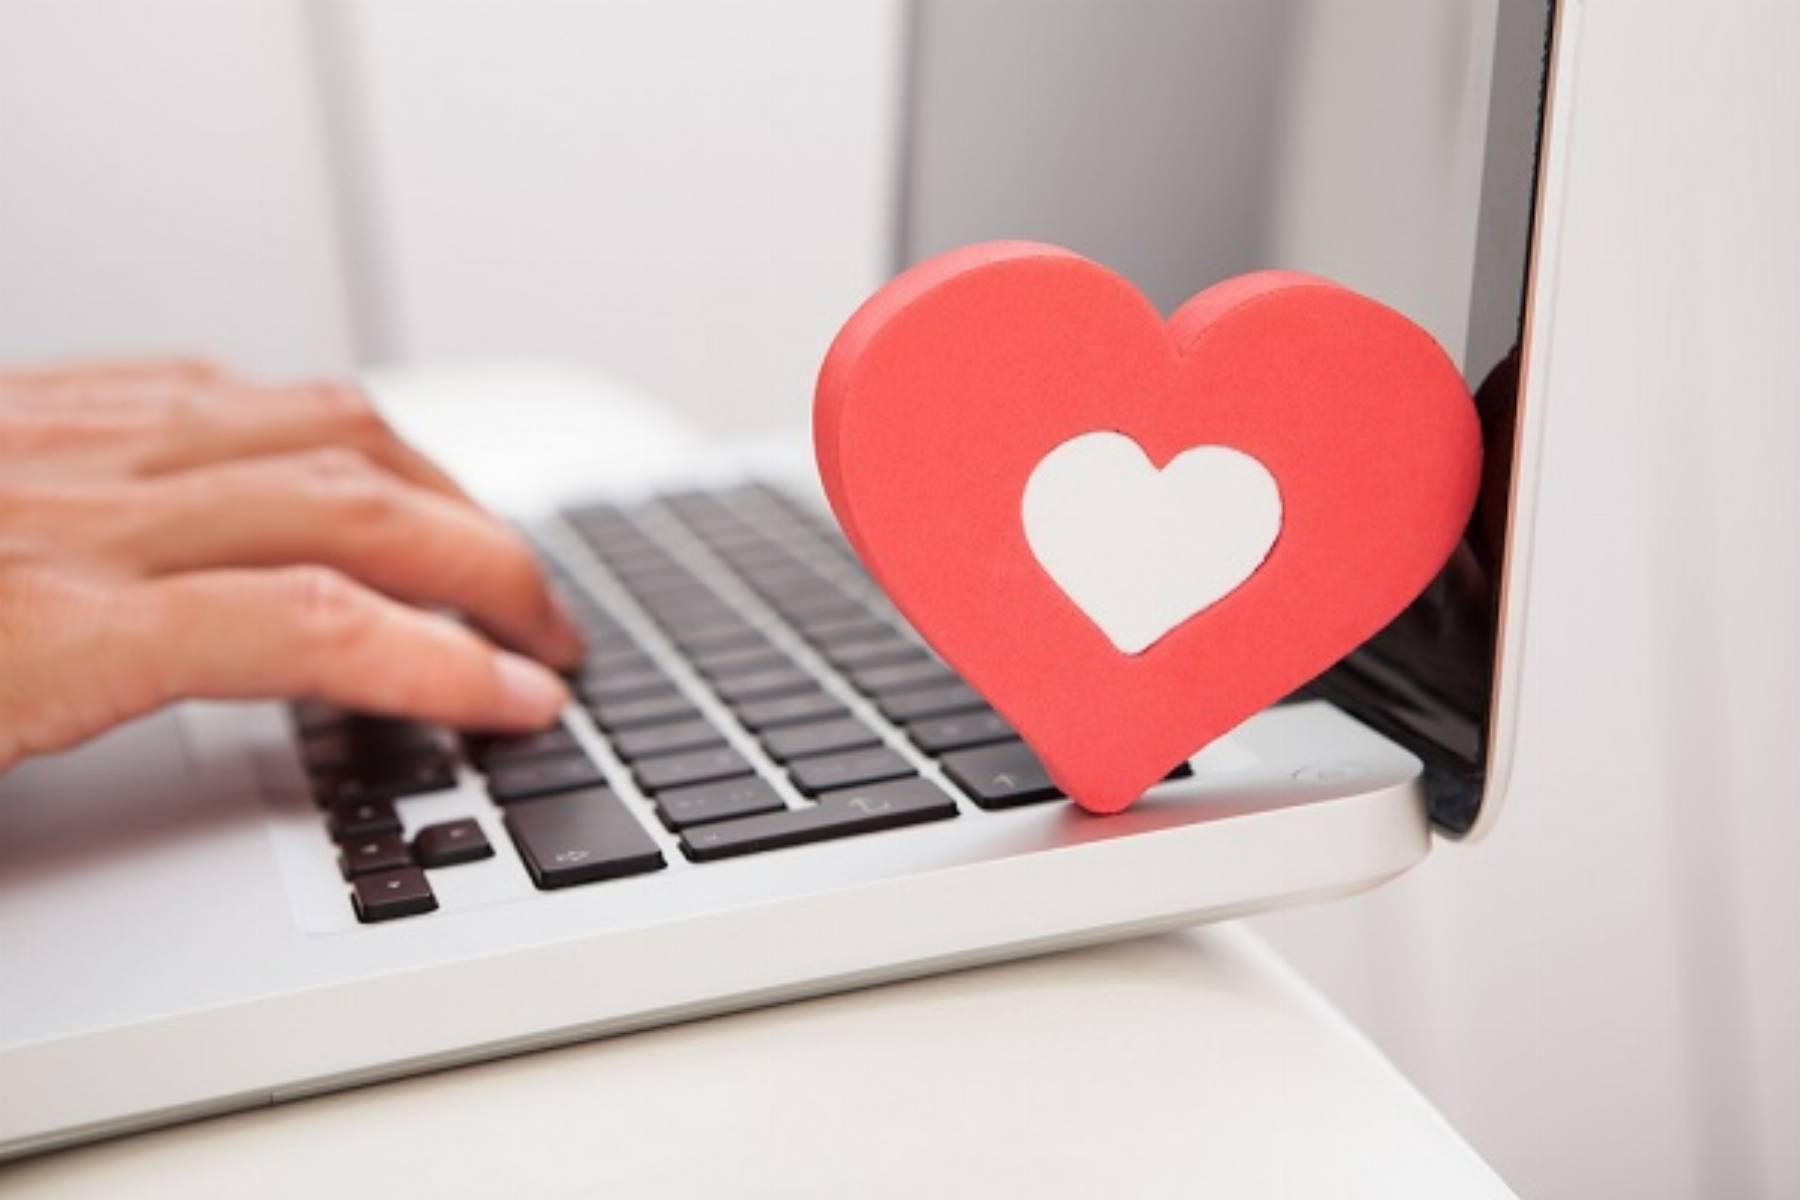 Nigdy nie korzystałem z randek internetowych